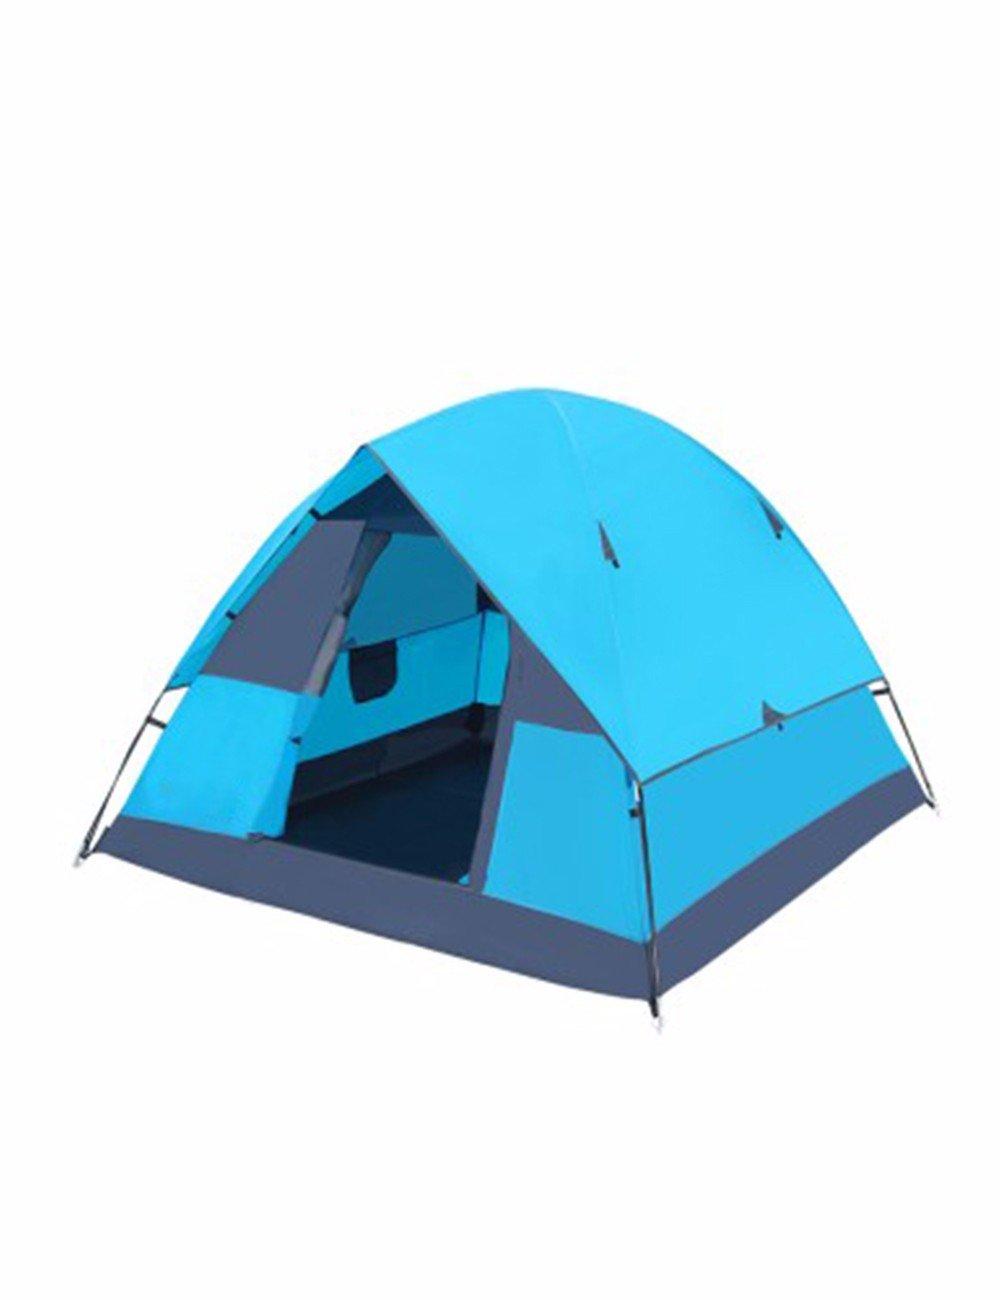 SJQKA-Zelt Outdoor Wandern Camping 3-4 Etagenbetten winddicht Regenschutz Zelt